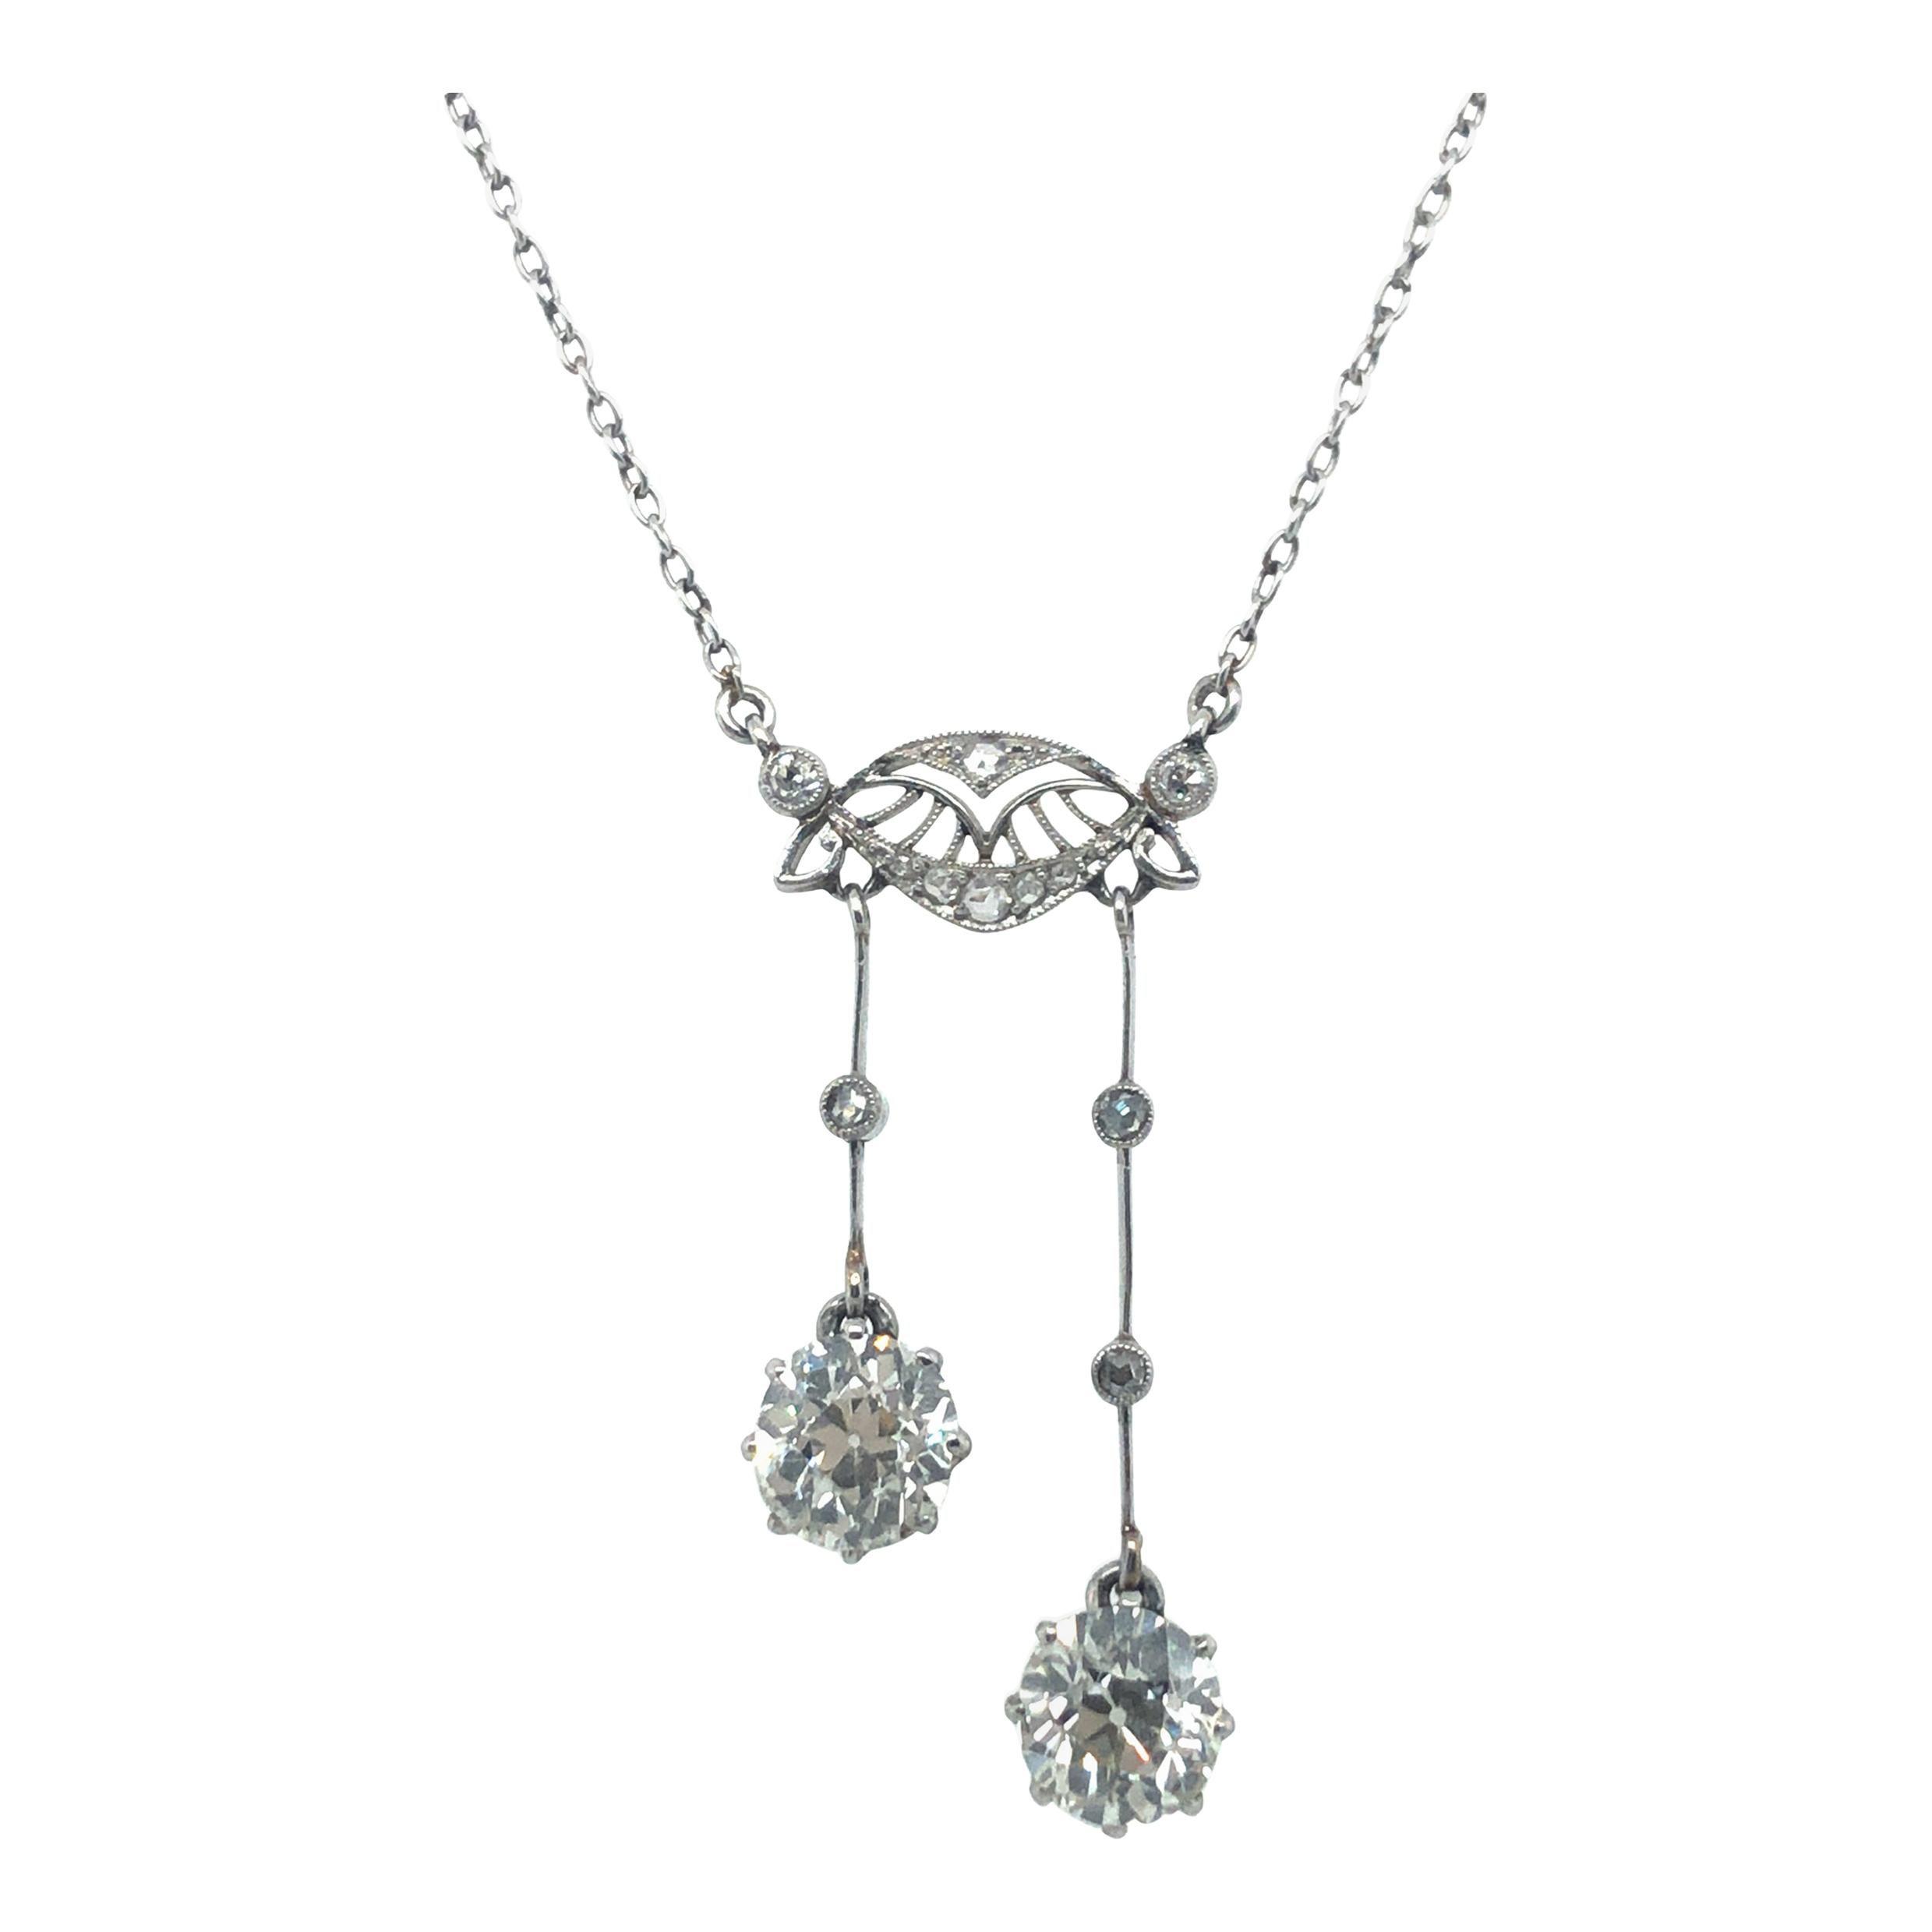 Gorgeous Belle Époque Négligée Diamond Necklace in Platinum 950